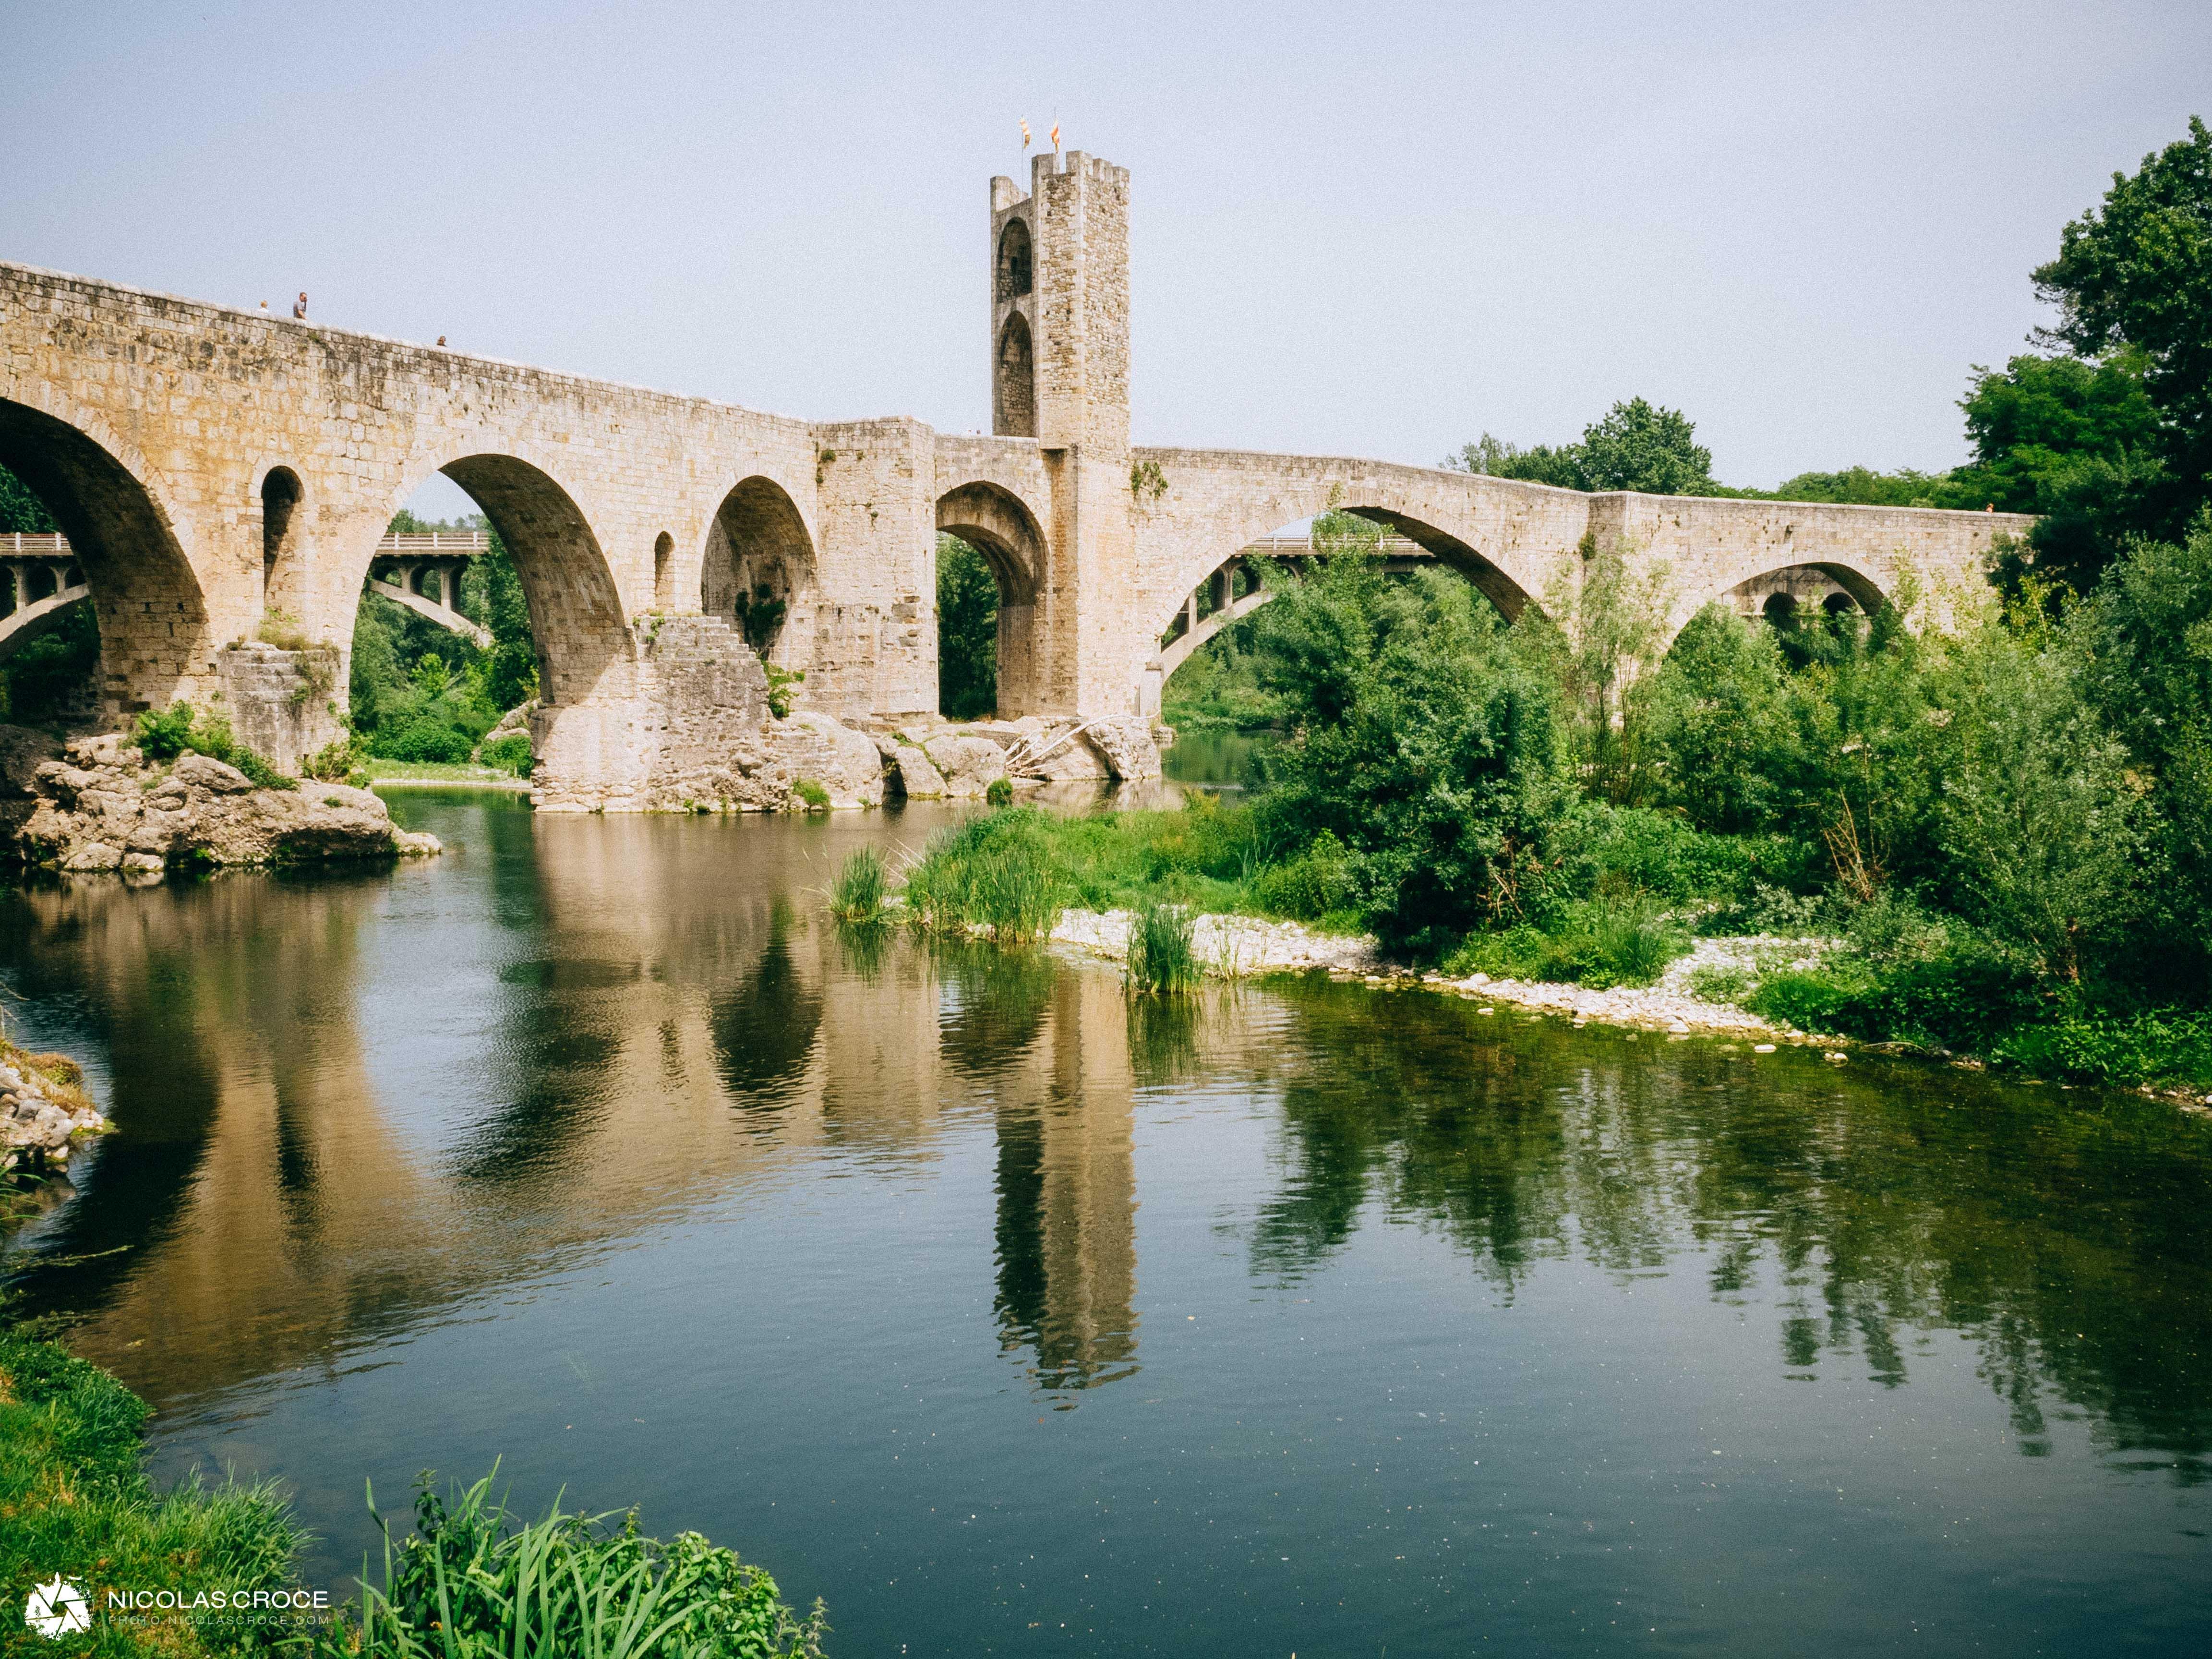 Pont de Besalu